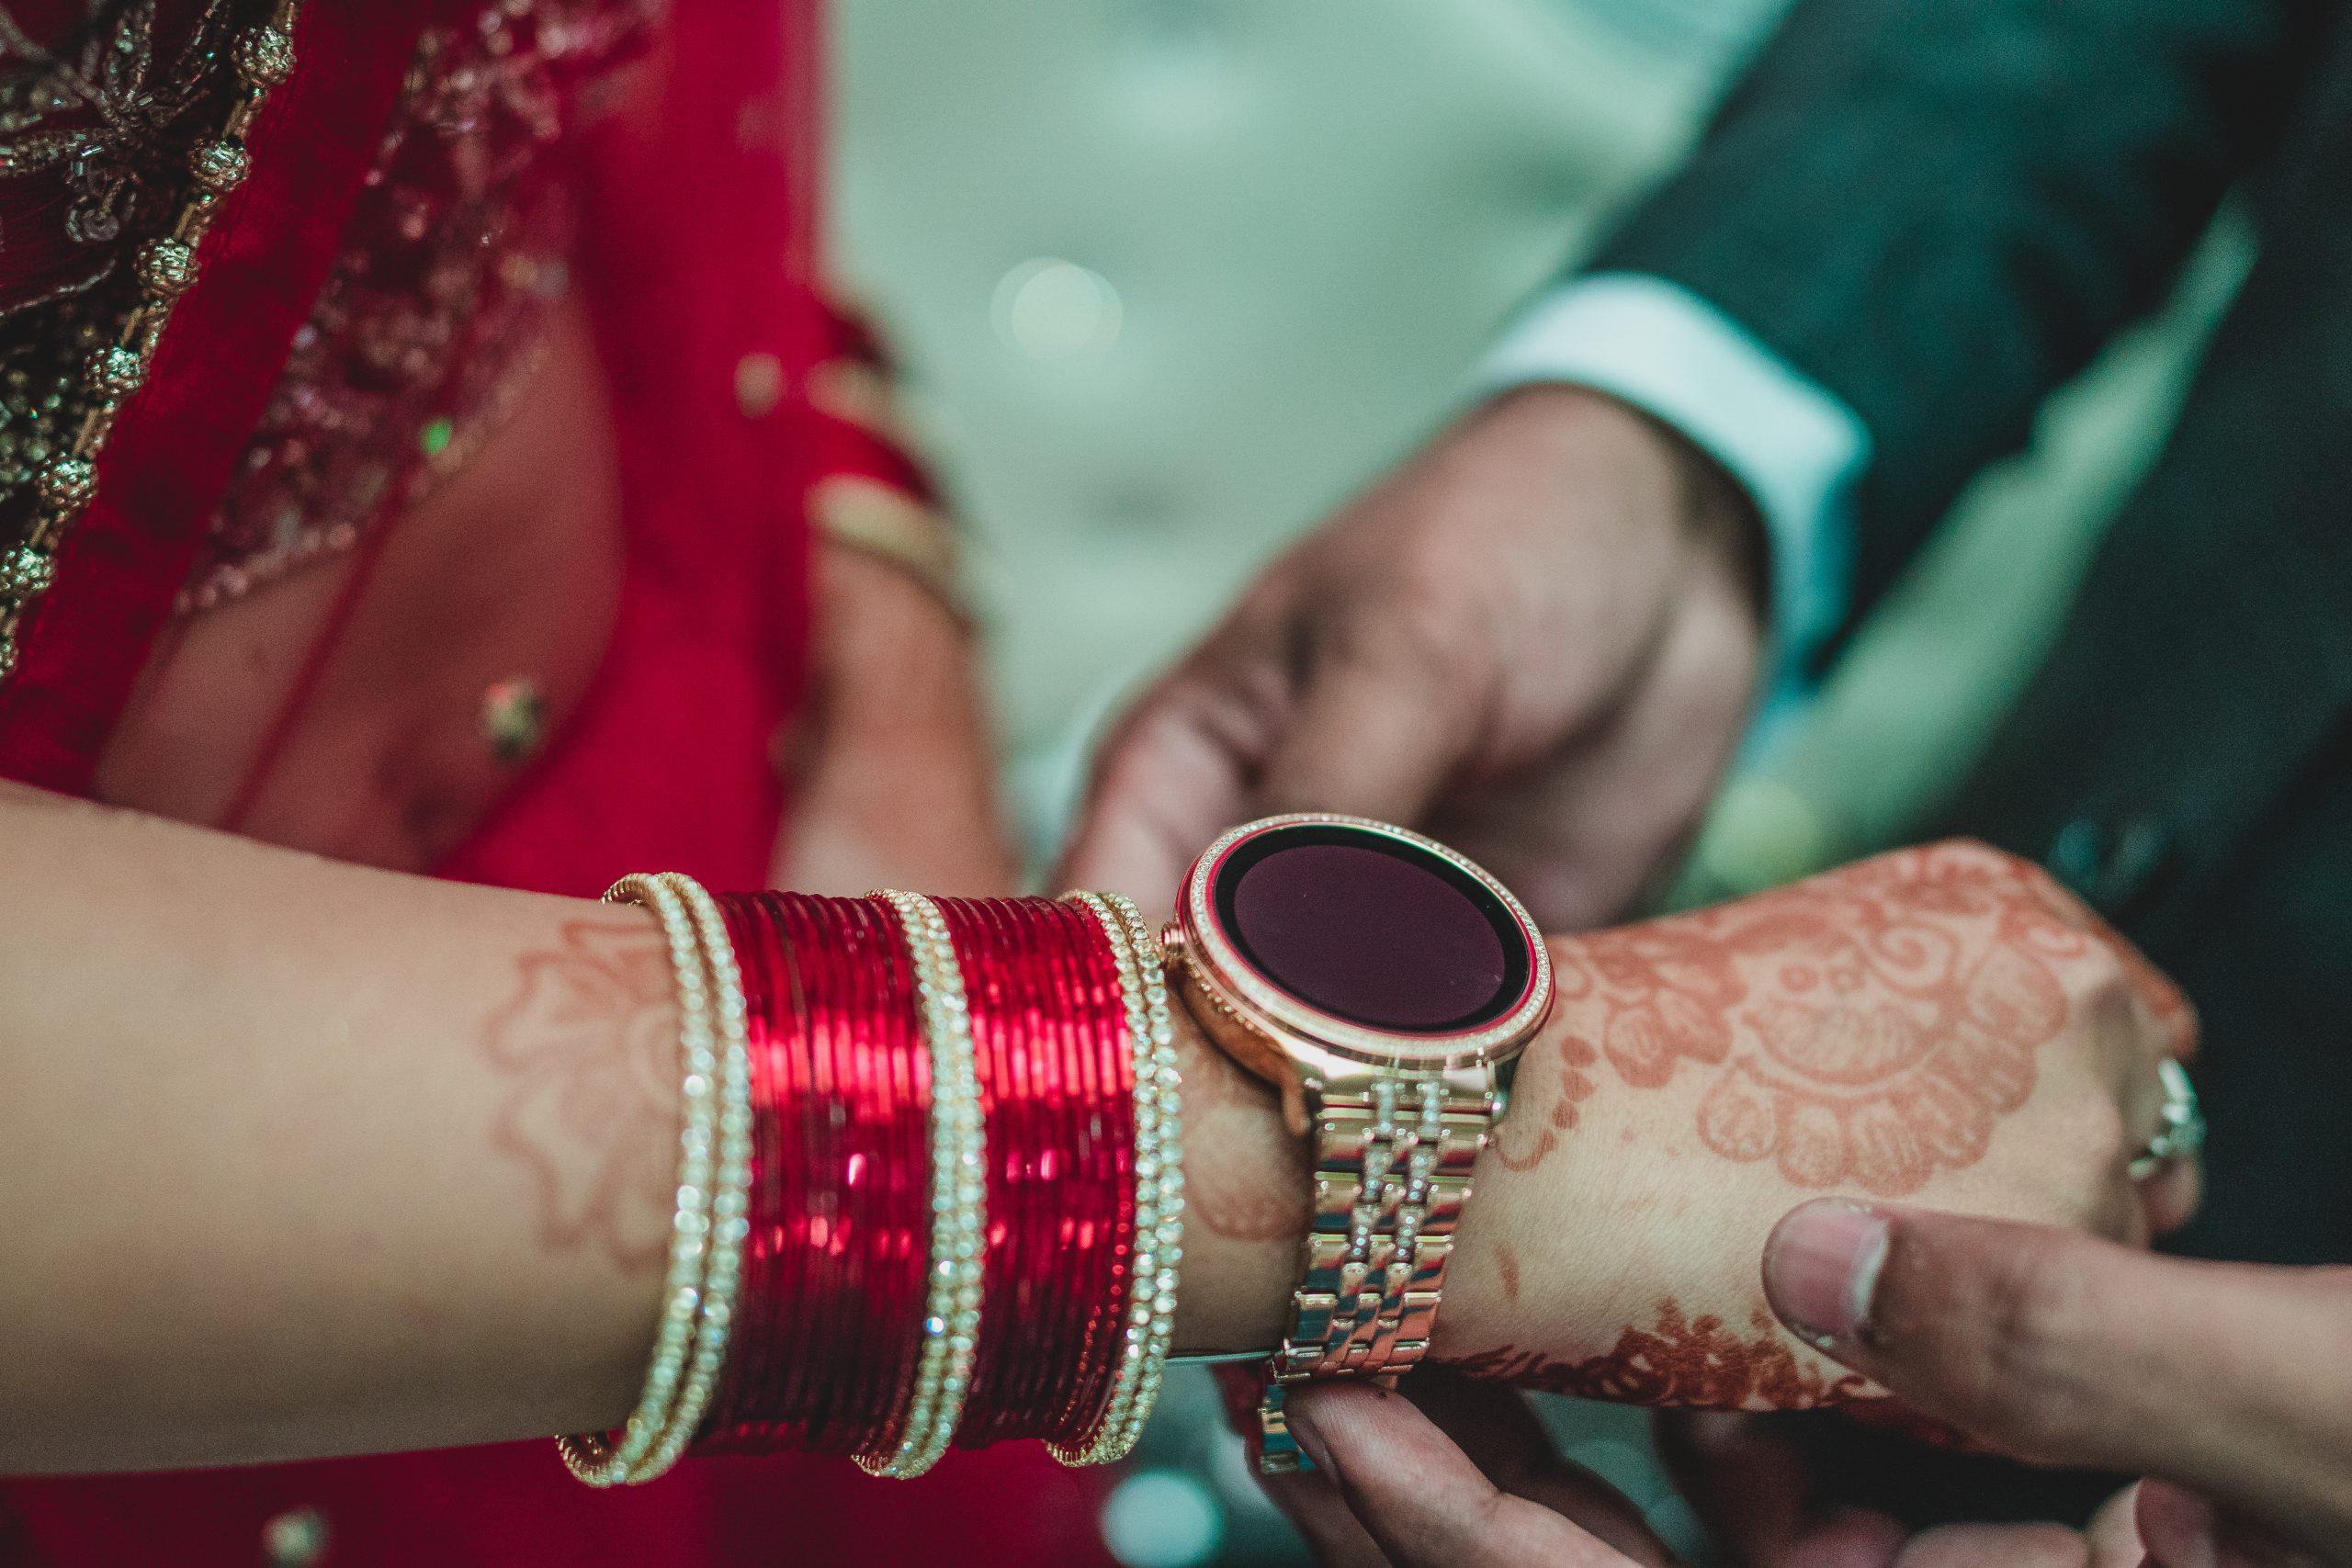 watch in Bride's hand